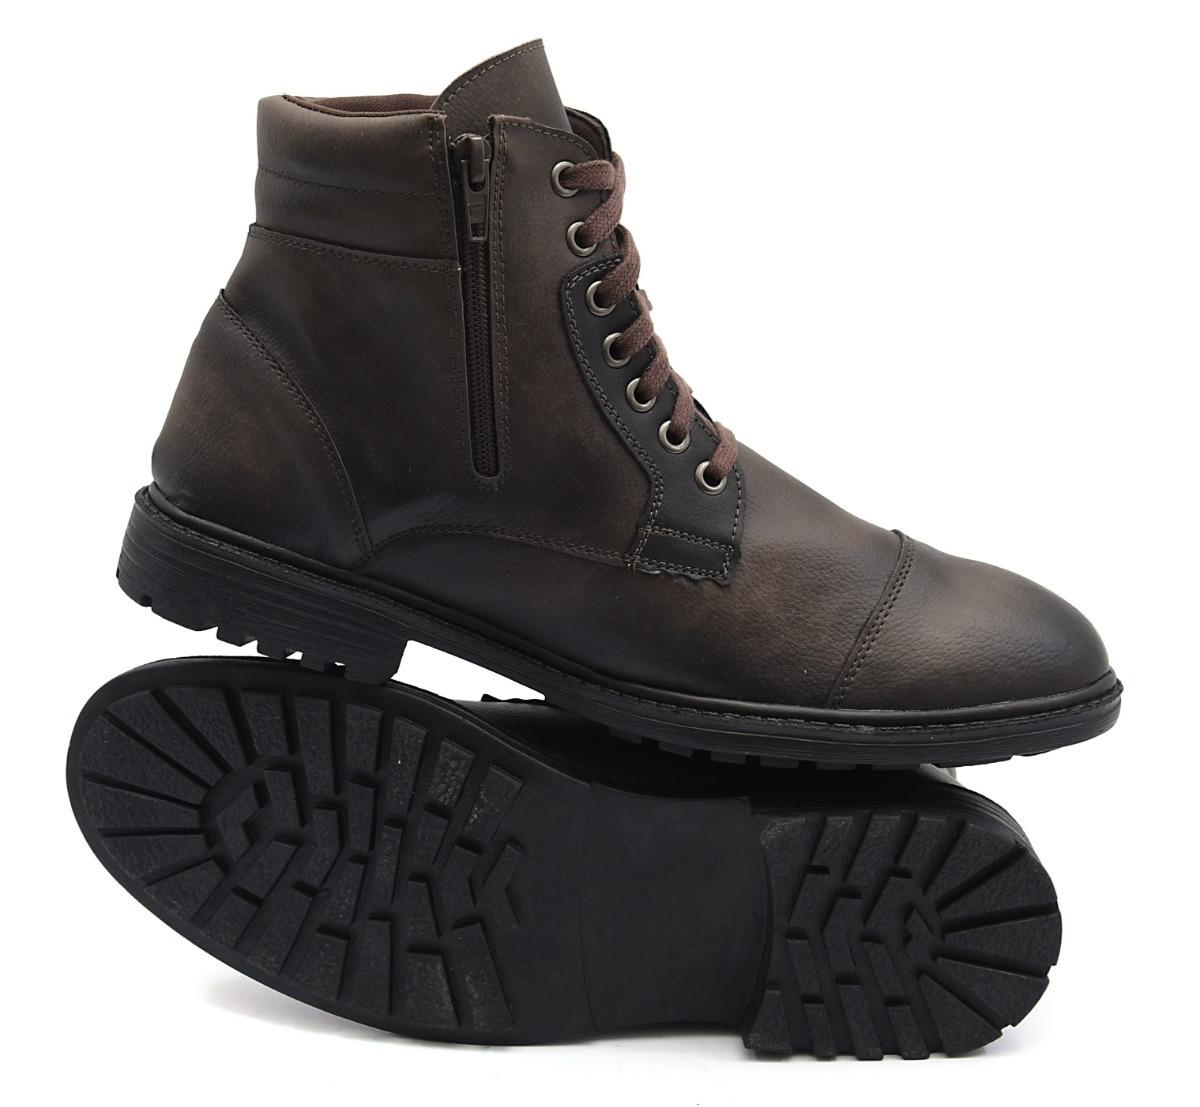 0f4ce8a1a4 coturno bota masculino confortável casual macio leve top. Carregando zoom.